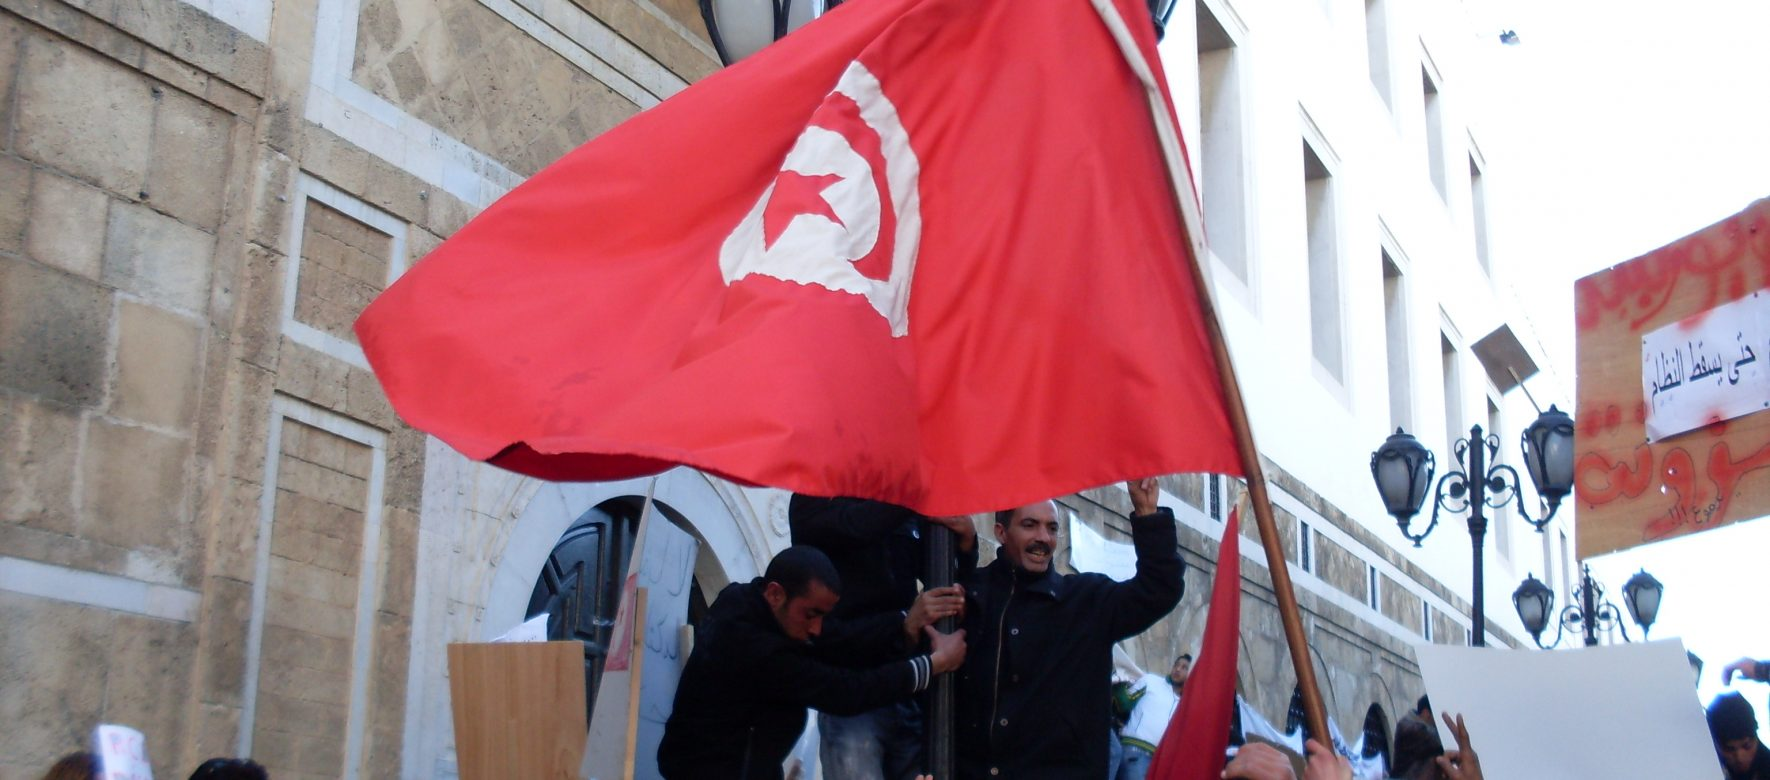 Tunisie : Les fonctionnaires de l'Etat battent le pavé contre les directives du FMI